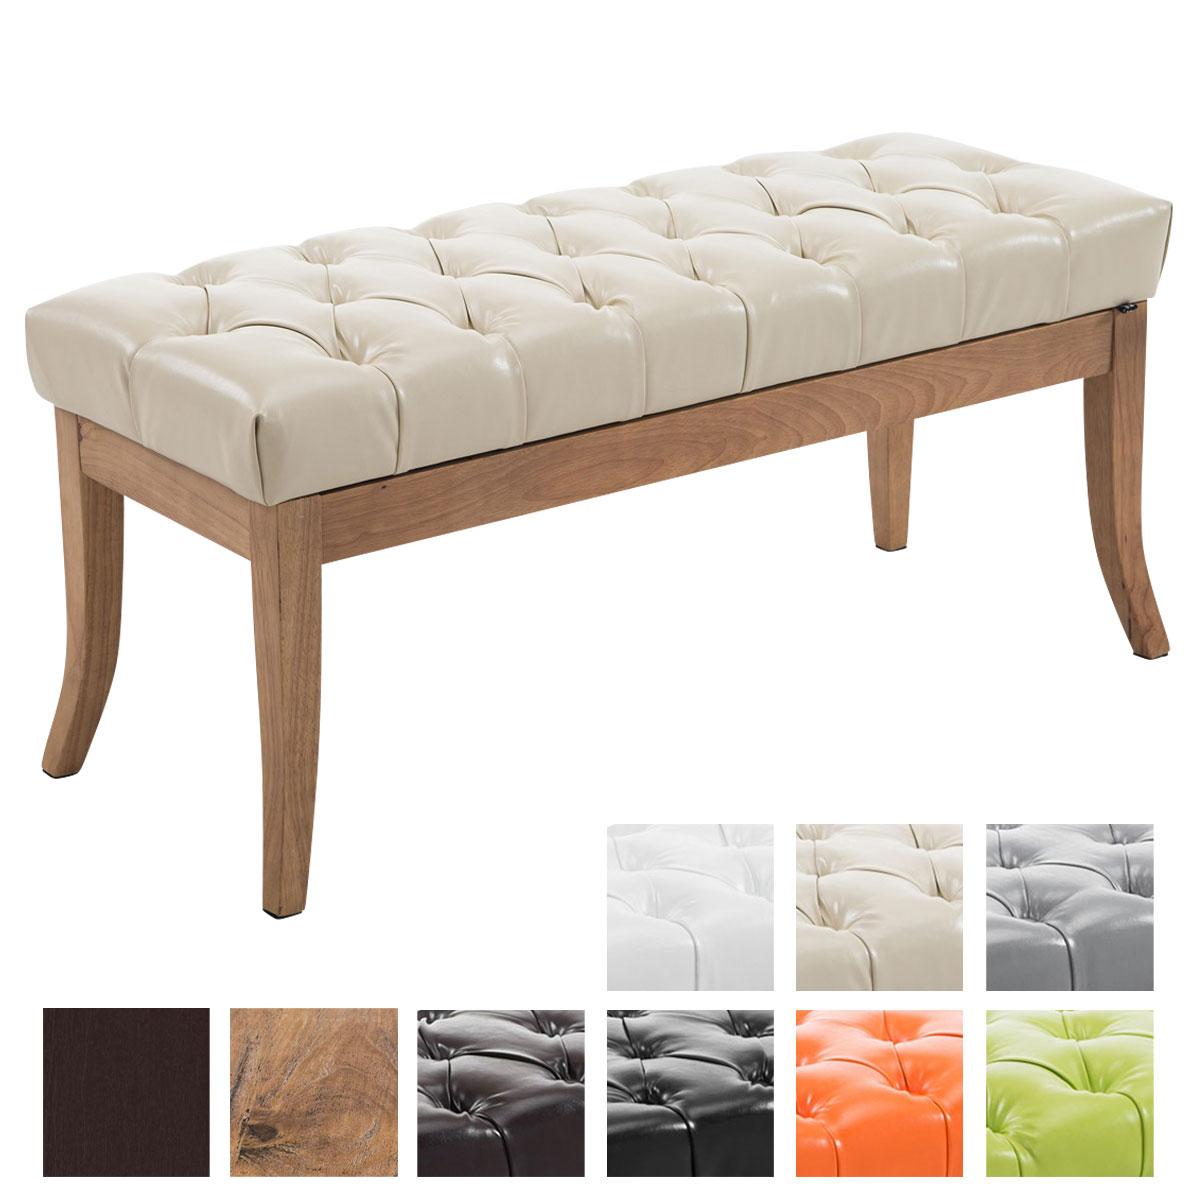 sitzbank ramses kunstleder antik hell polsterbank sitzhocker holzbeine wartebank ebay. Black Bedroom Furniture Sets. Home Design Ideas